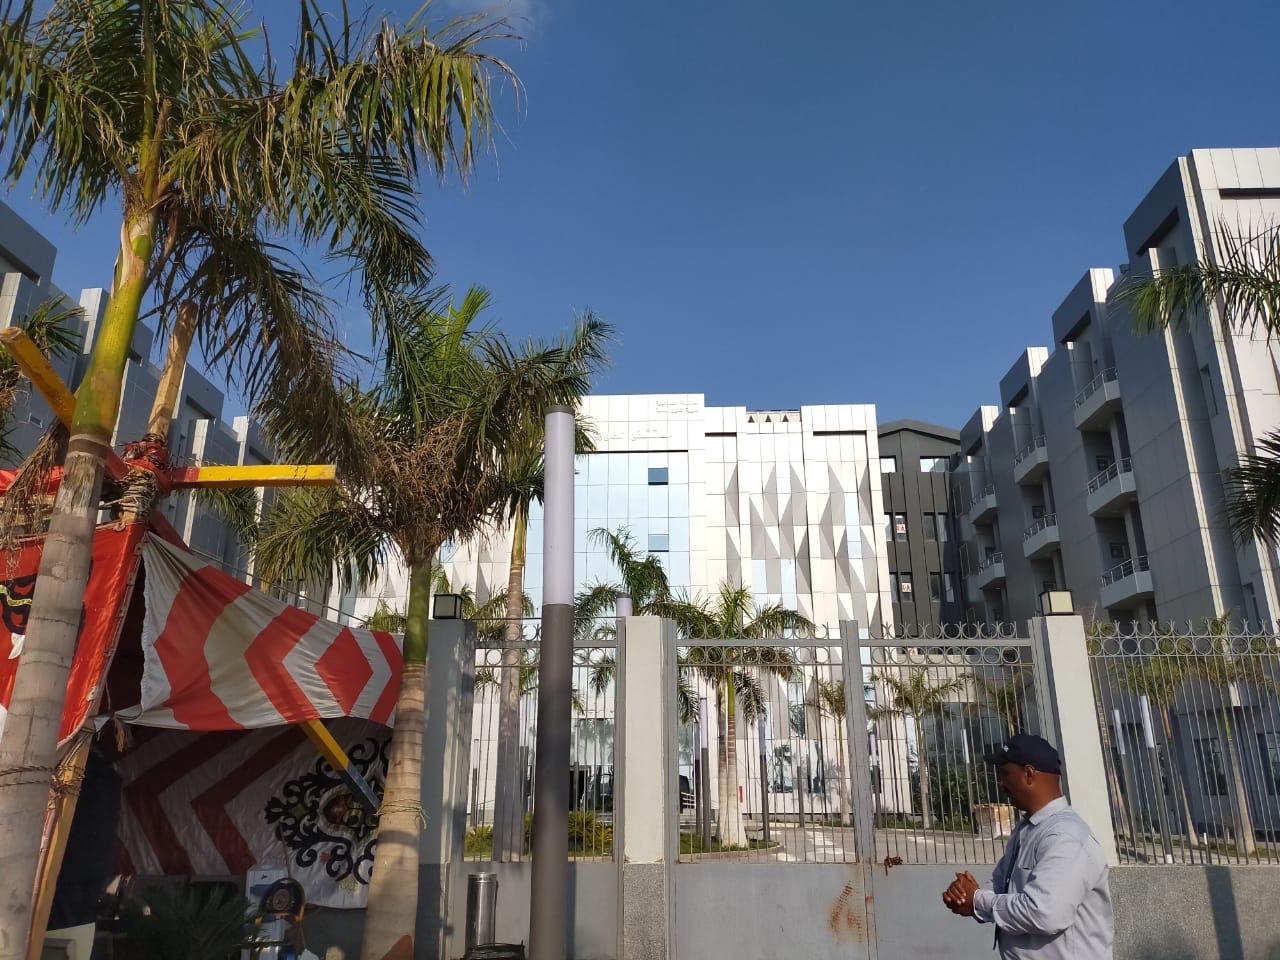 تعقيم وتطهير مستشفى أبو خليفة للحجر الصحى بالإسماعيلية (1)